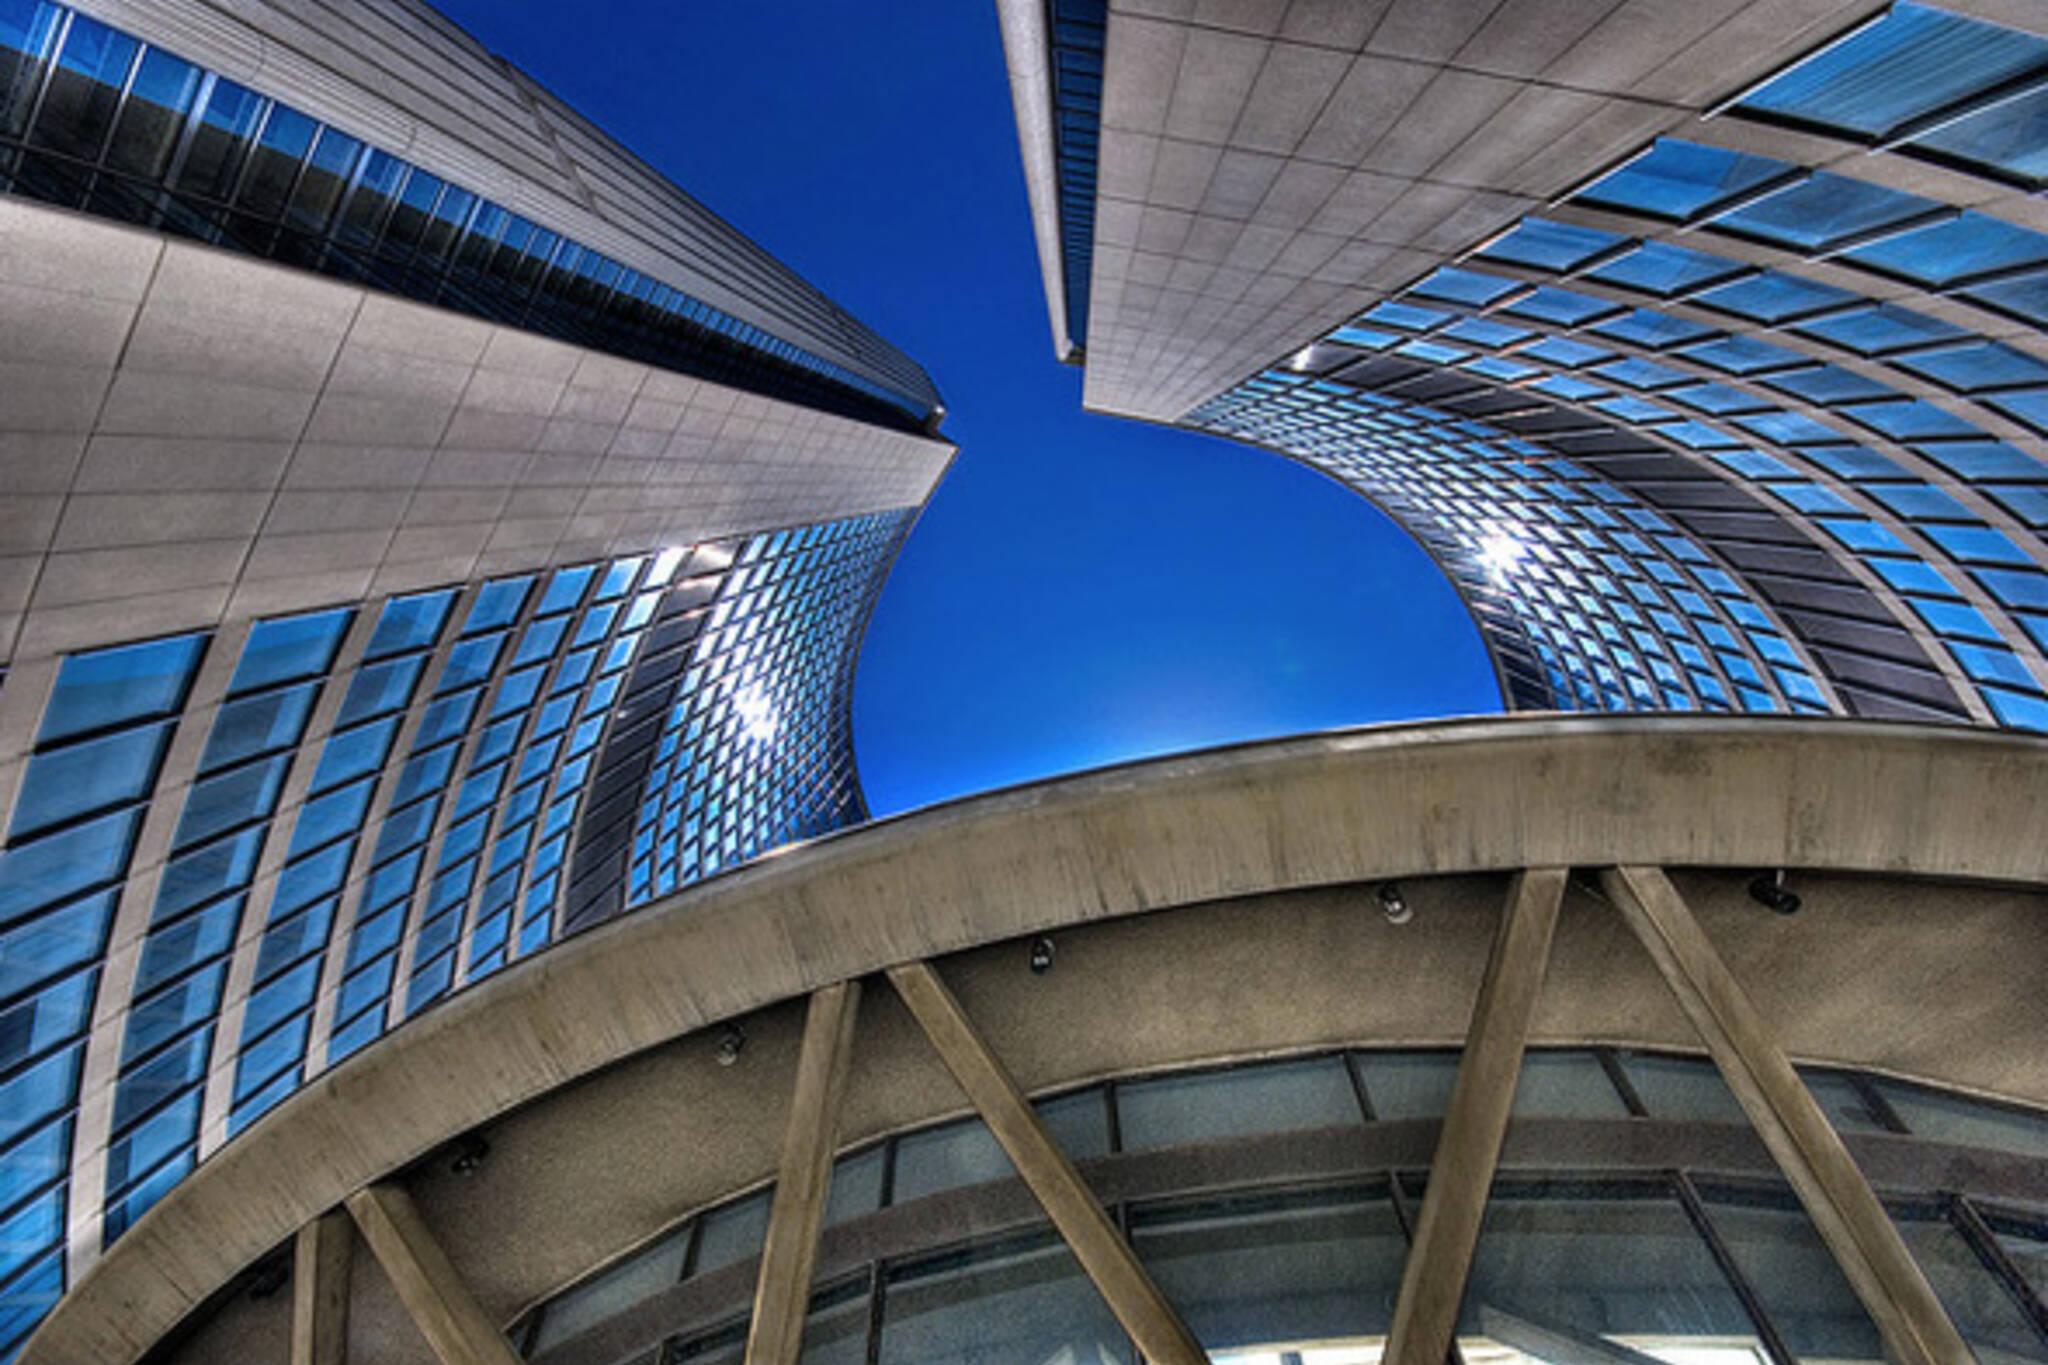 2012 Toronto Budget